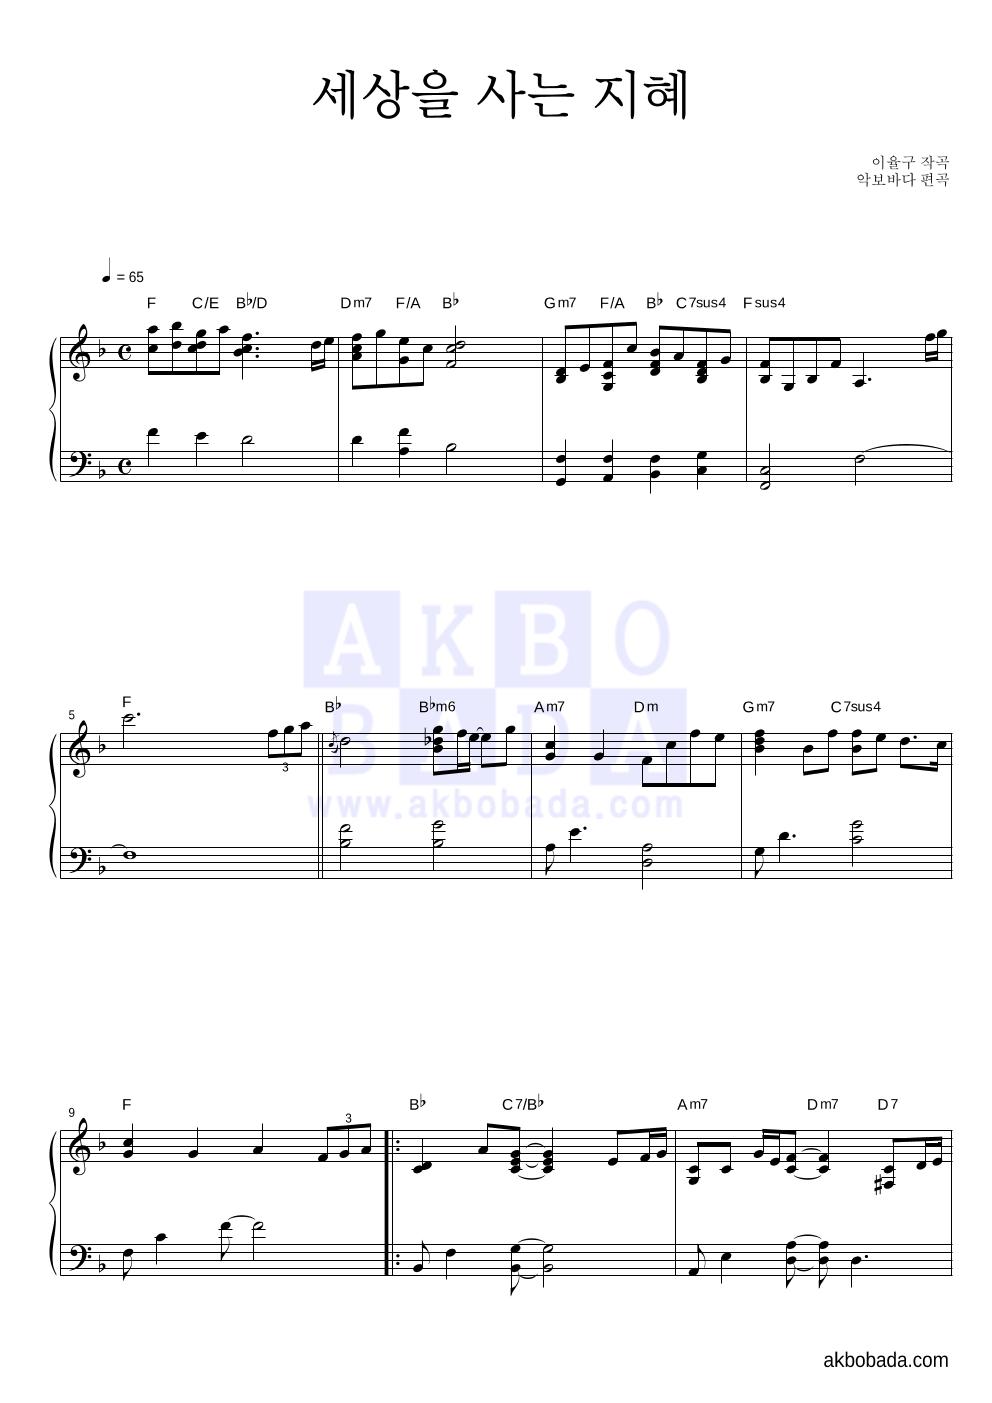 이율구 - 세상을 사는 지혜 피아노 마스터 악보